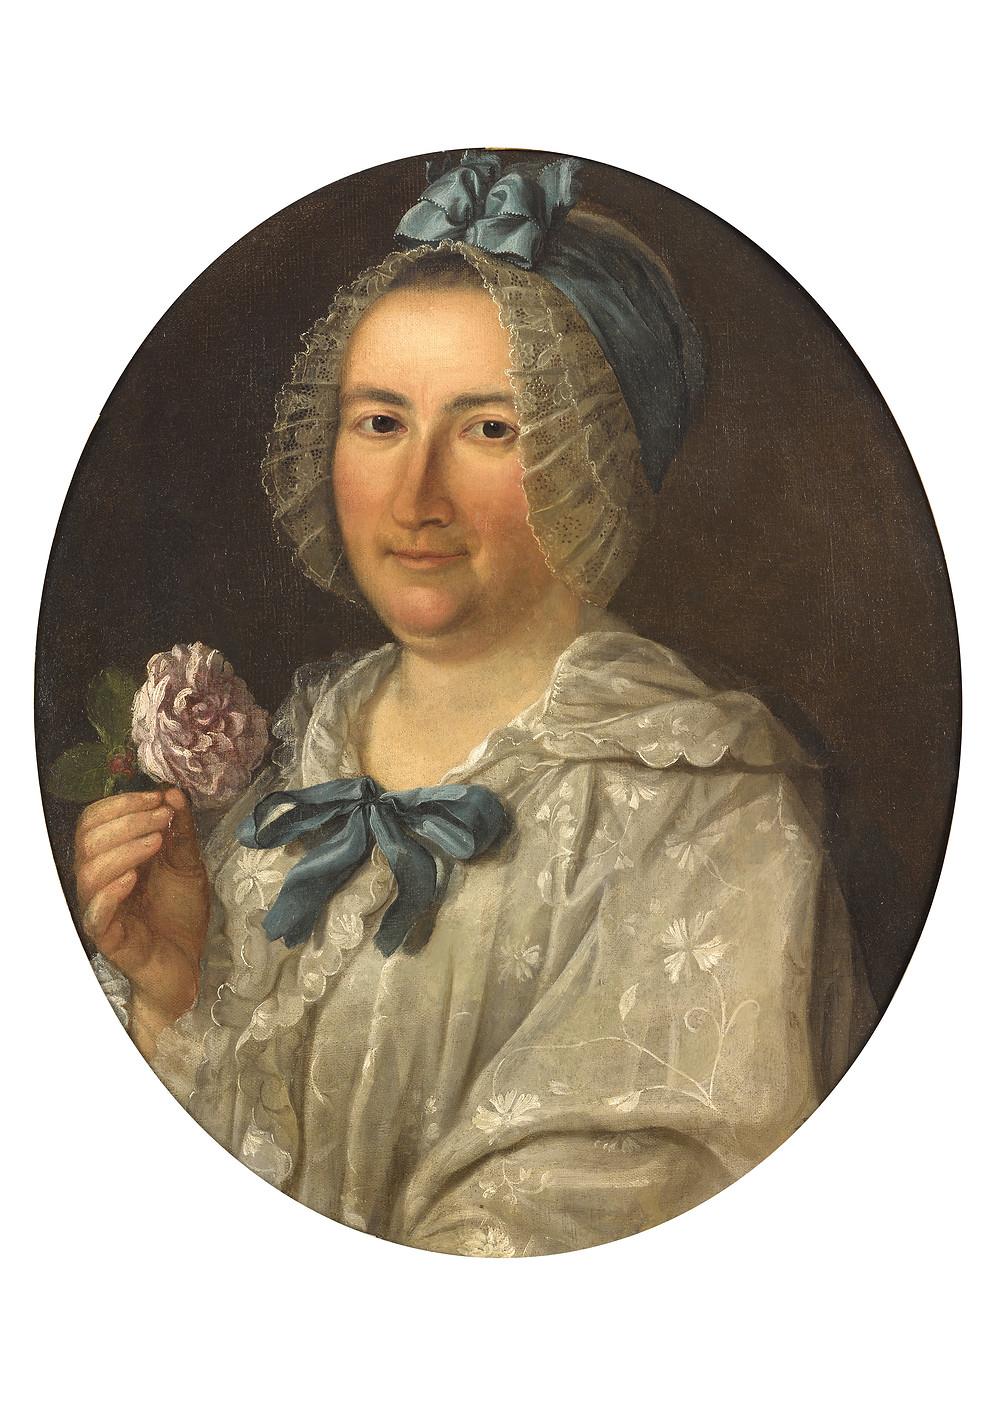 Michel Hubert-Descours, Portrait de Marie Jacqueline Descours, née Fabre, 1770, collection particulière